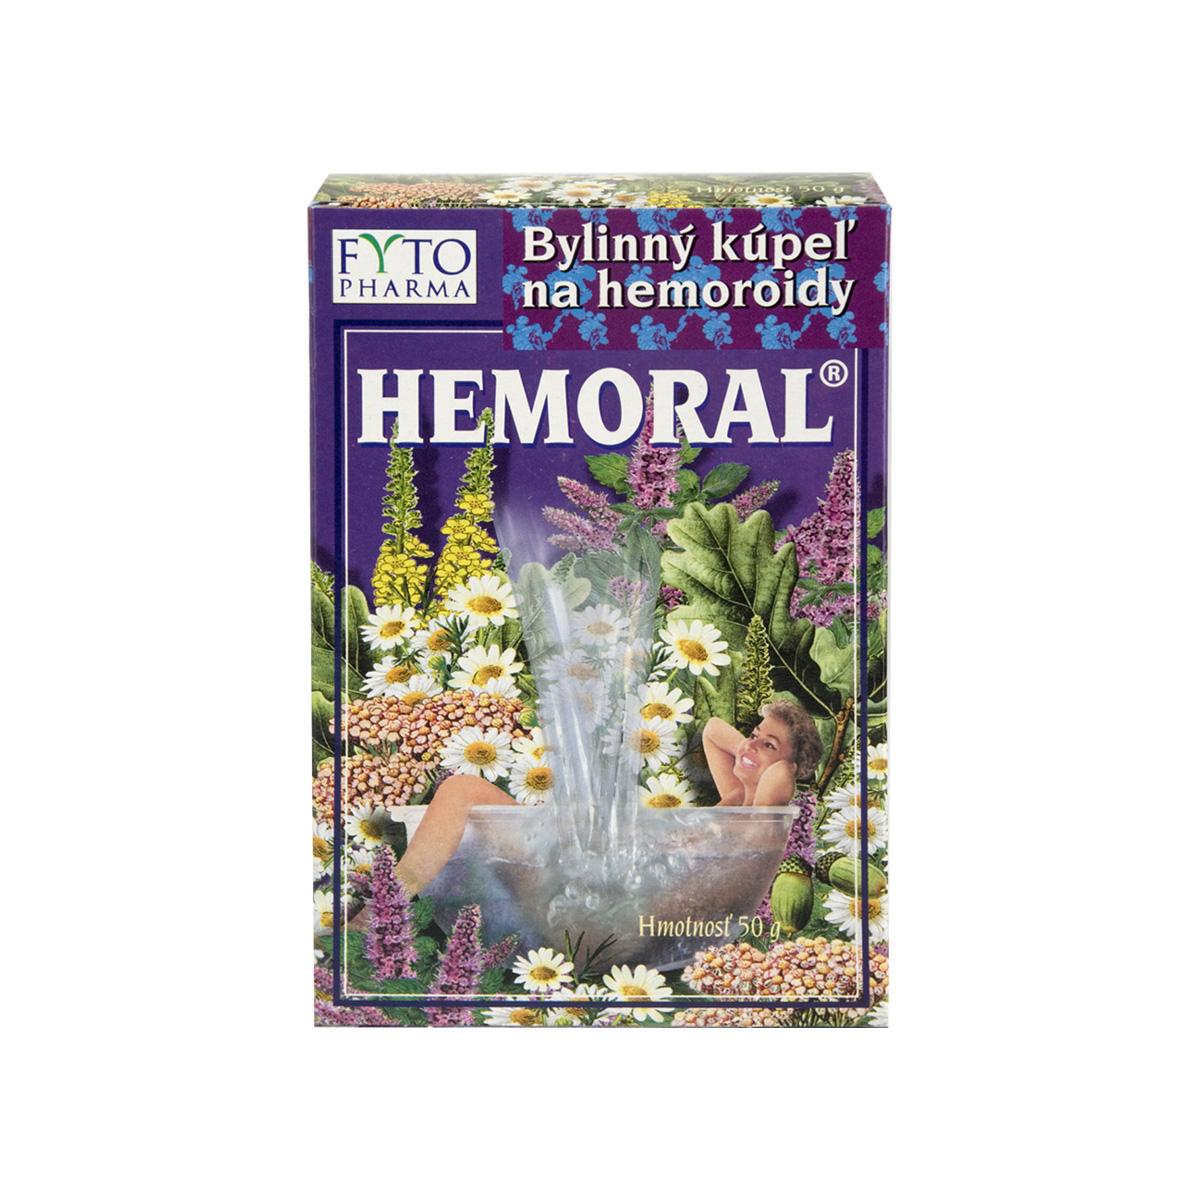 Fytopharma HEMORAL® bylinná koupel na hemoroidy 50 g